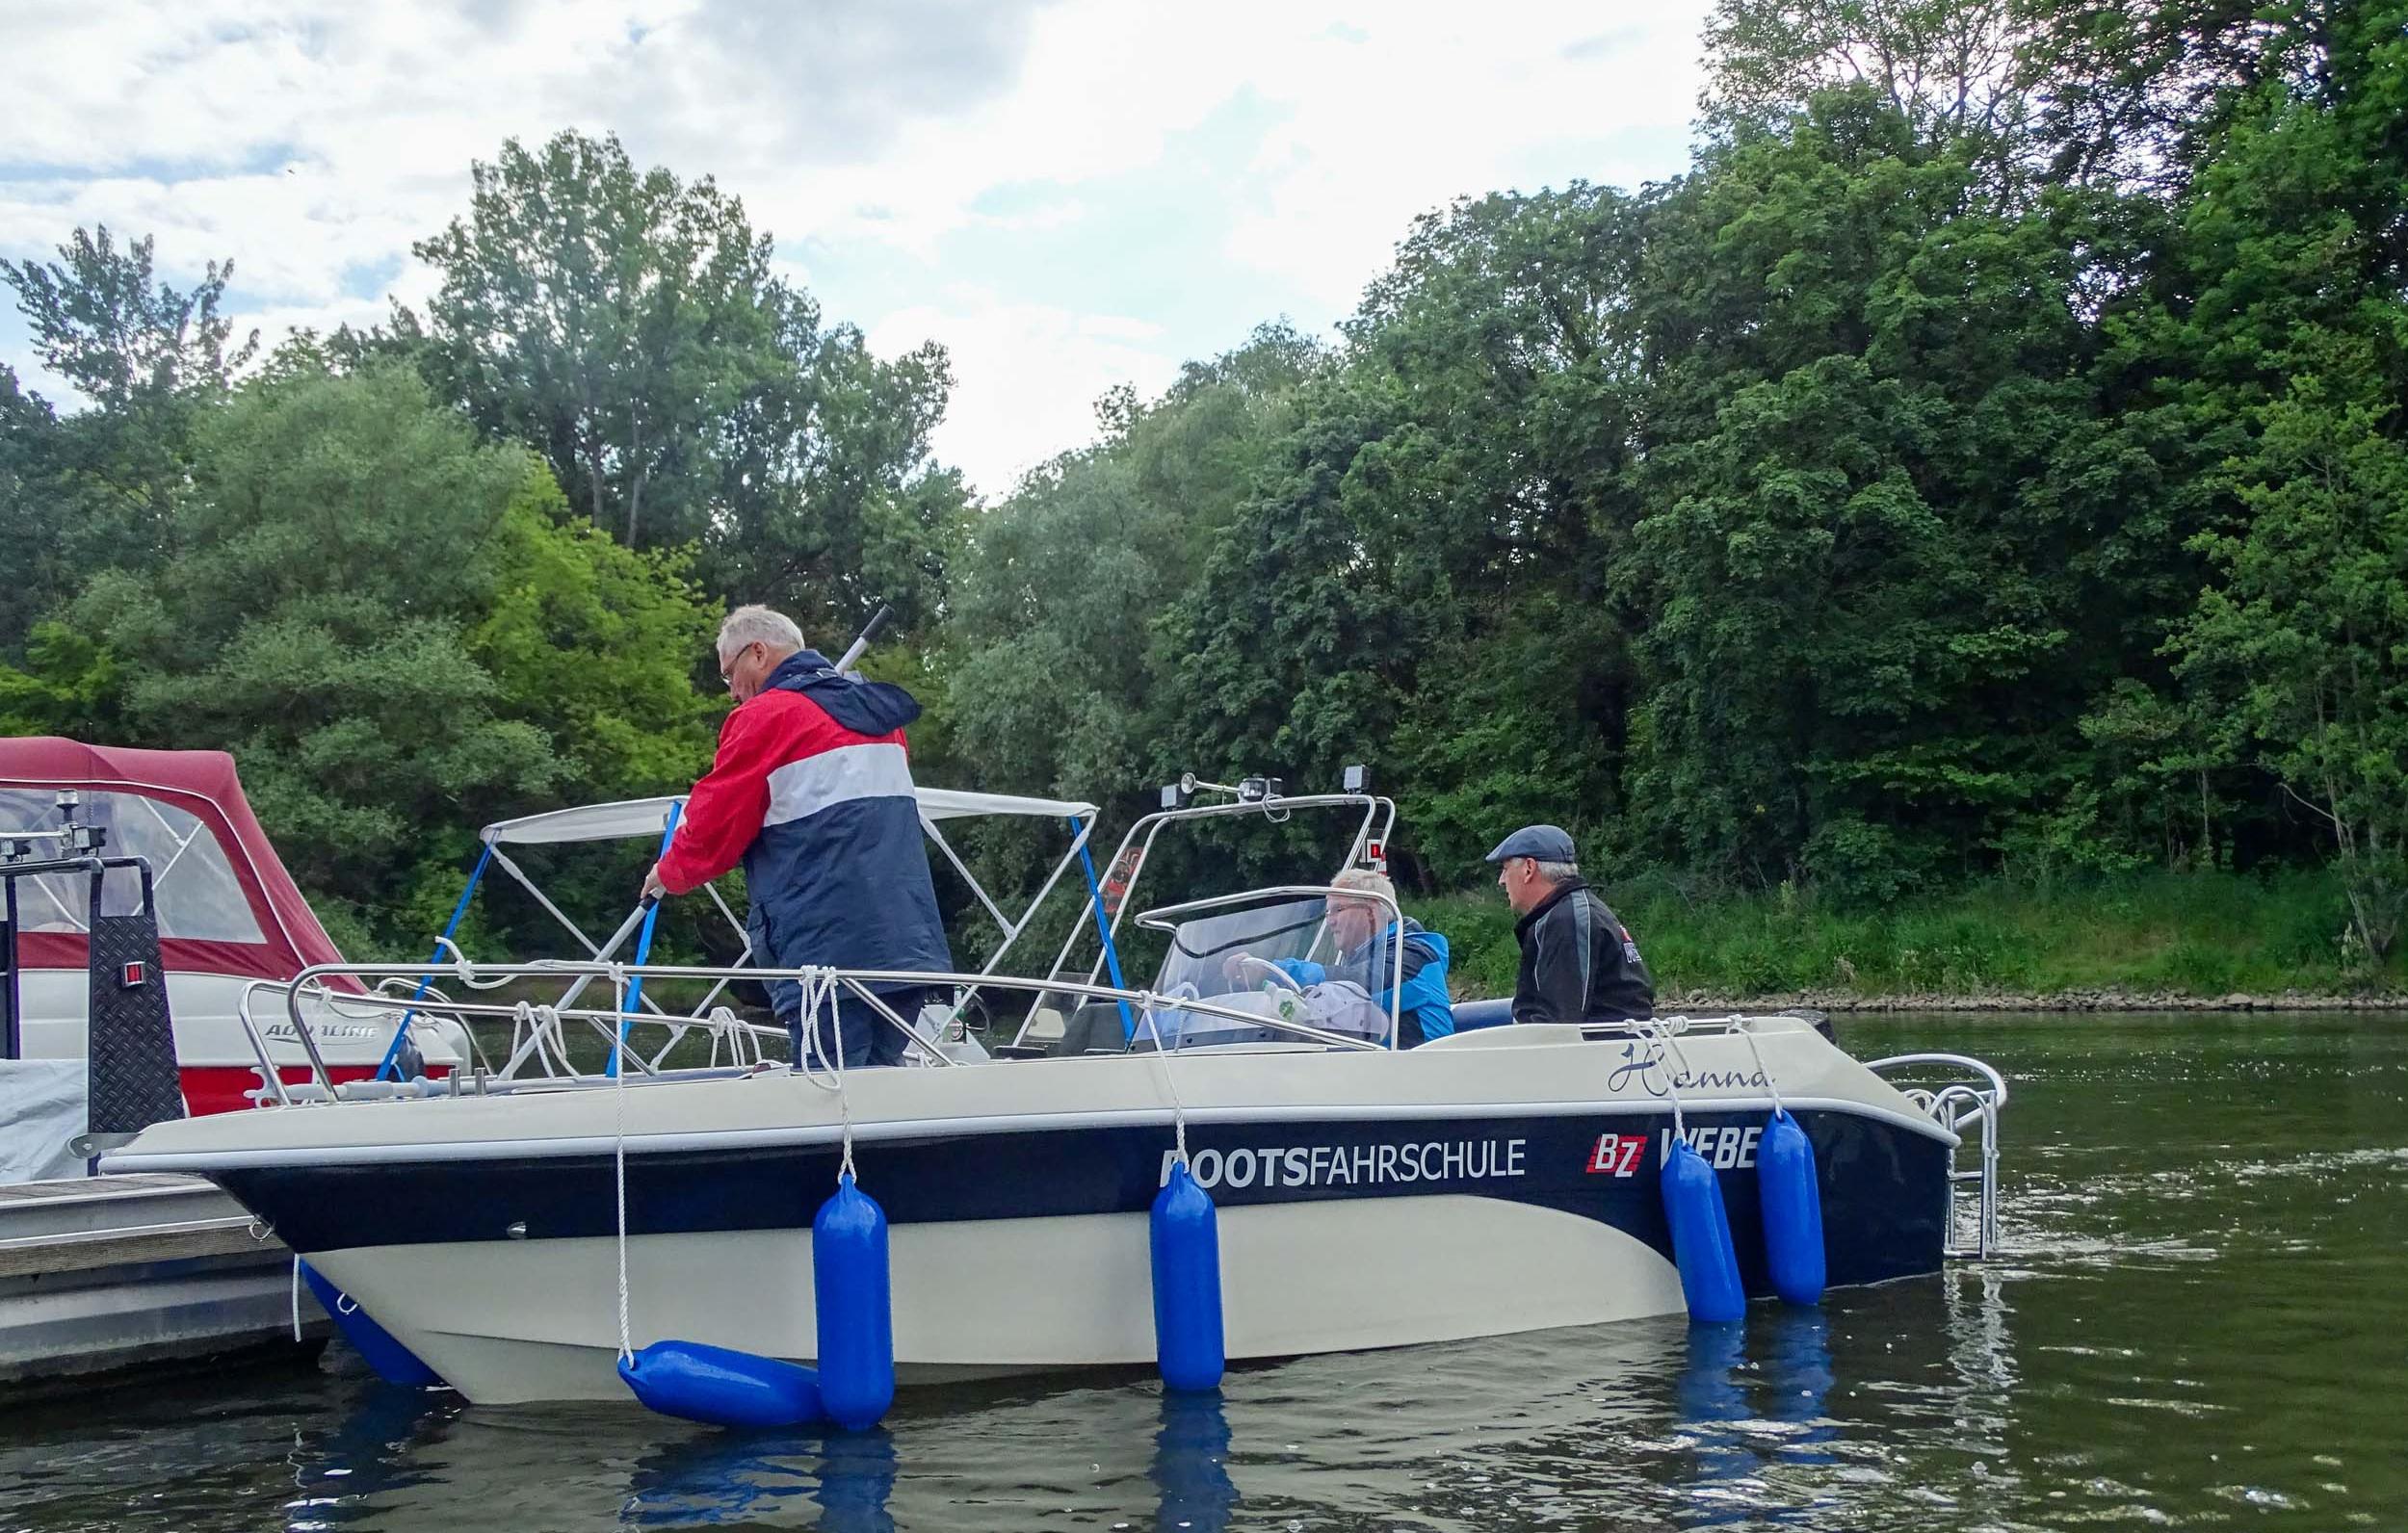 motorboot-fahren-brandenburg-an-der-havel-bg21606139349